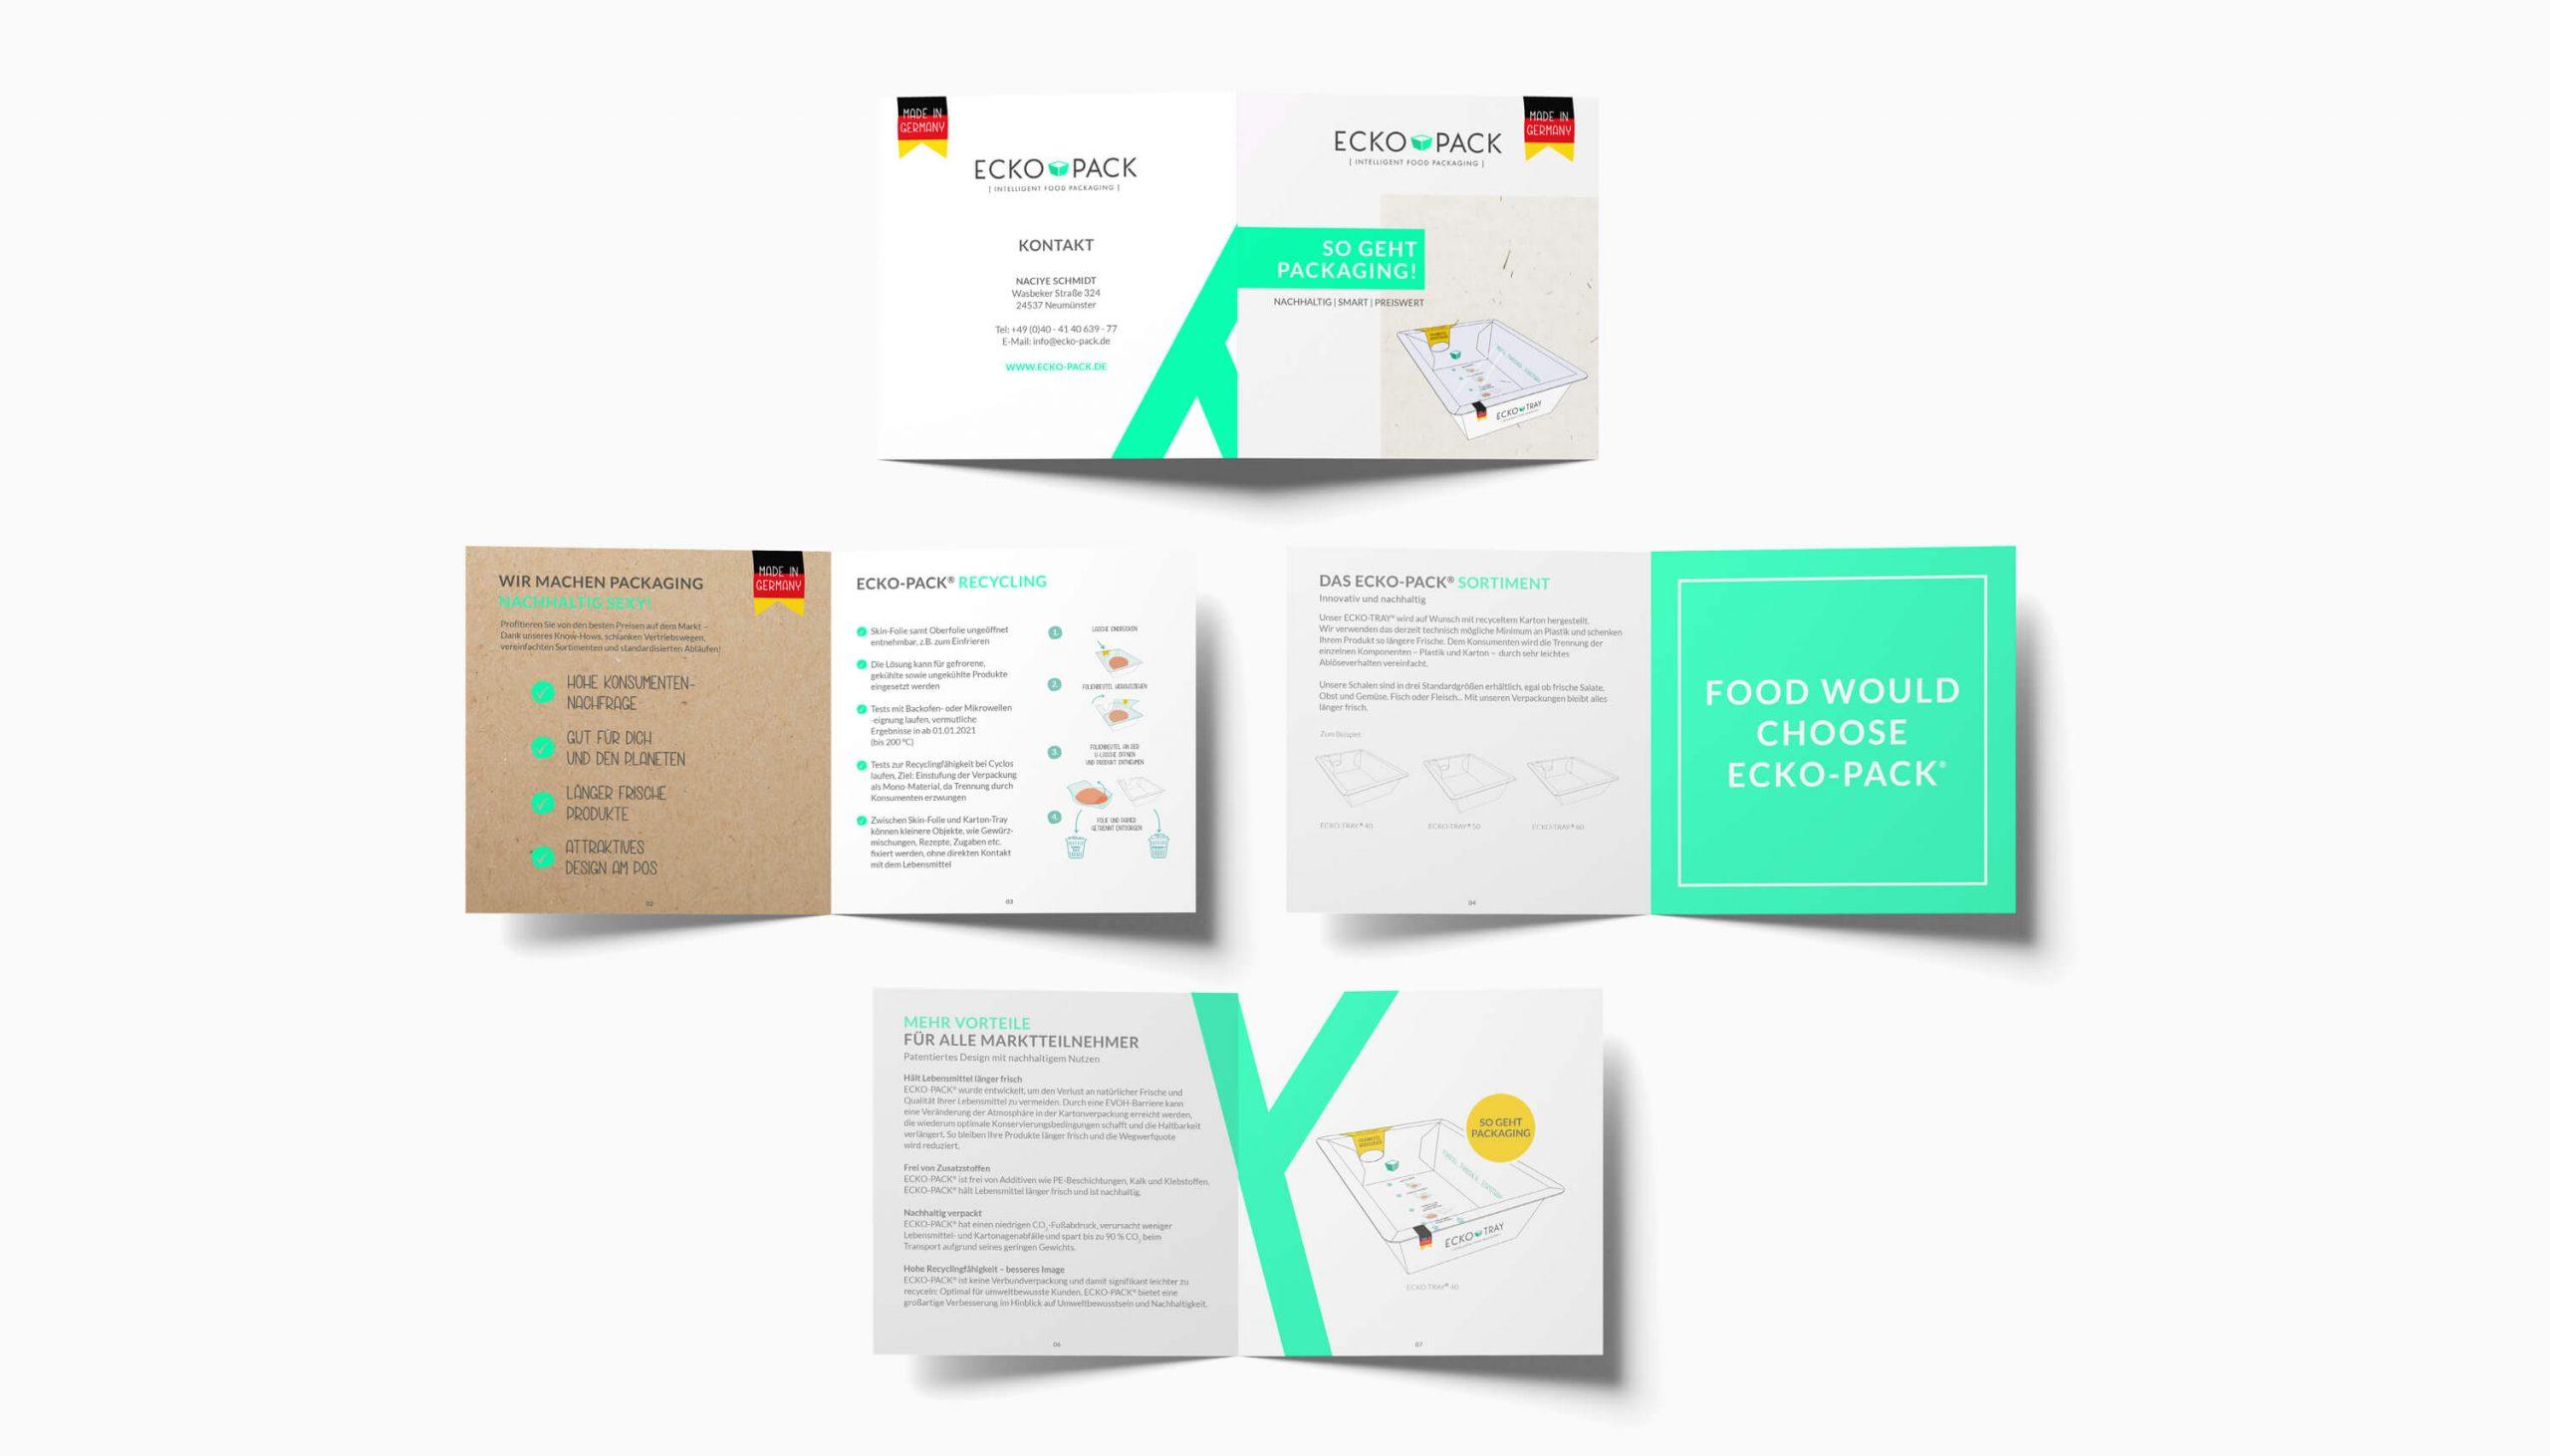 Referenz Kunde Ecko-Pack Intelligent Food Packaging Flyer